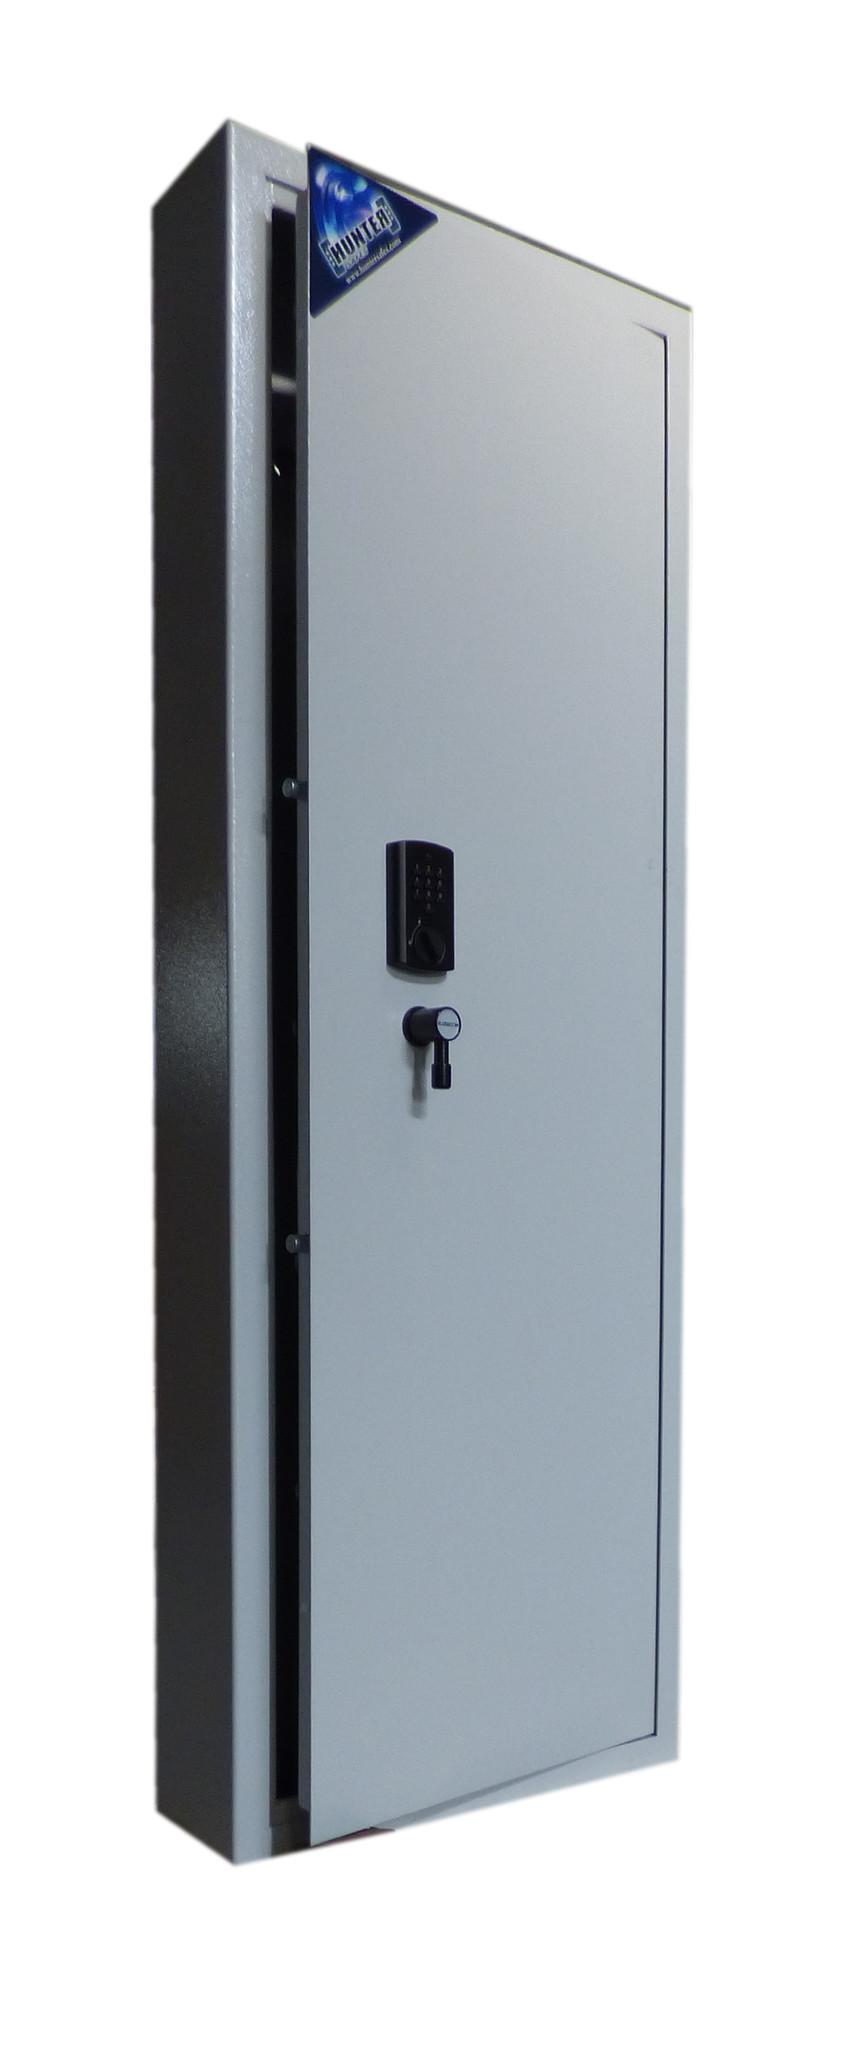 Sleutelkluis K1750/S-2 voor 135 sleutels, bovag kluis, rdw sleutelkluis